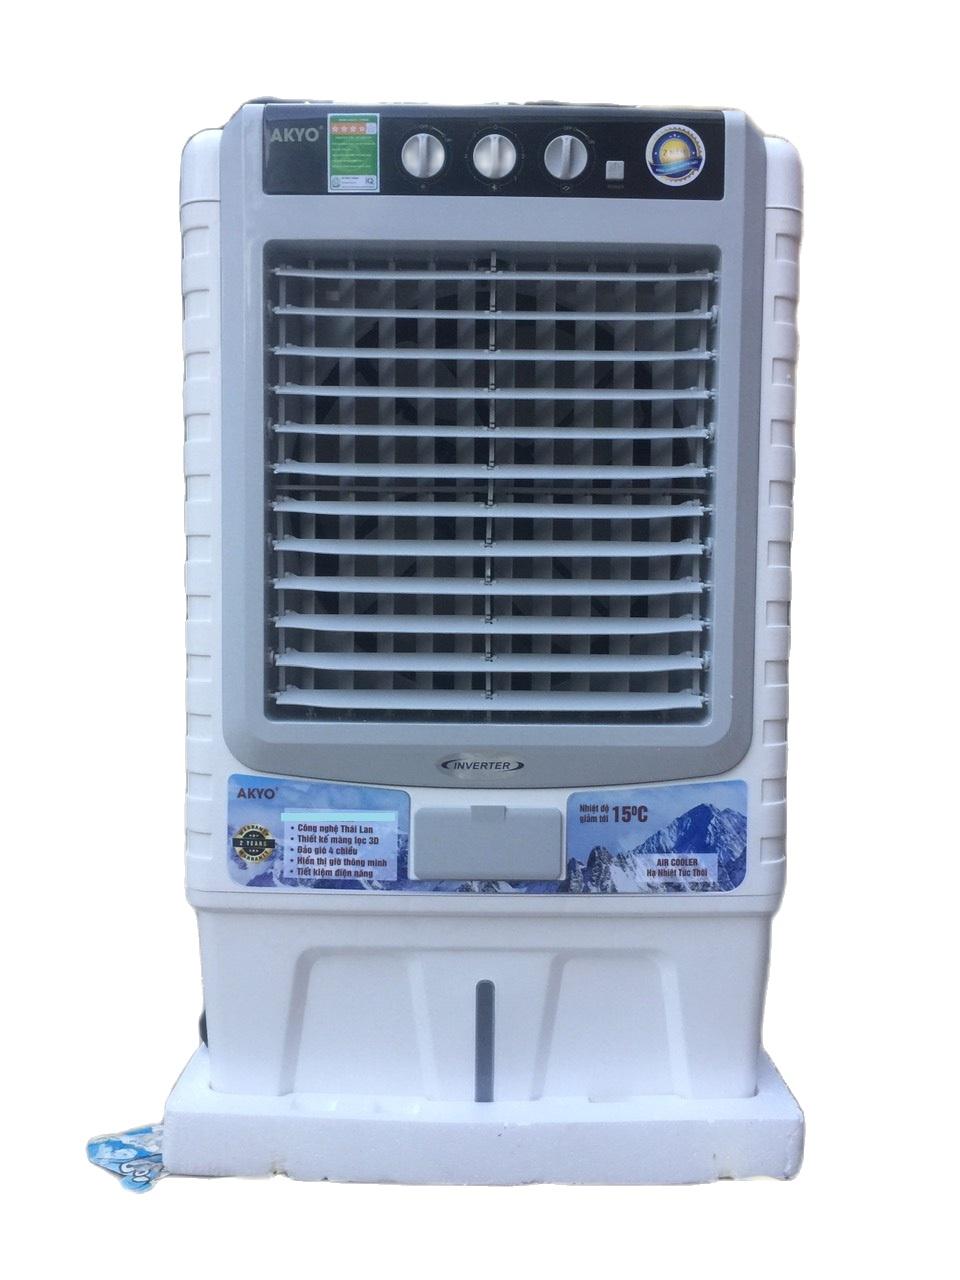 SIÊU HOT – SIÊU BỀN – Quạt điều hòa không khí AKYO AK80C made in thailand 200W lưu lượng gió 8000m3/h. BẢO HÀNH 02 NĂM